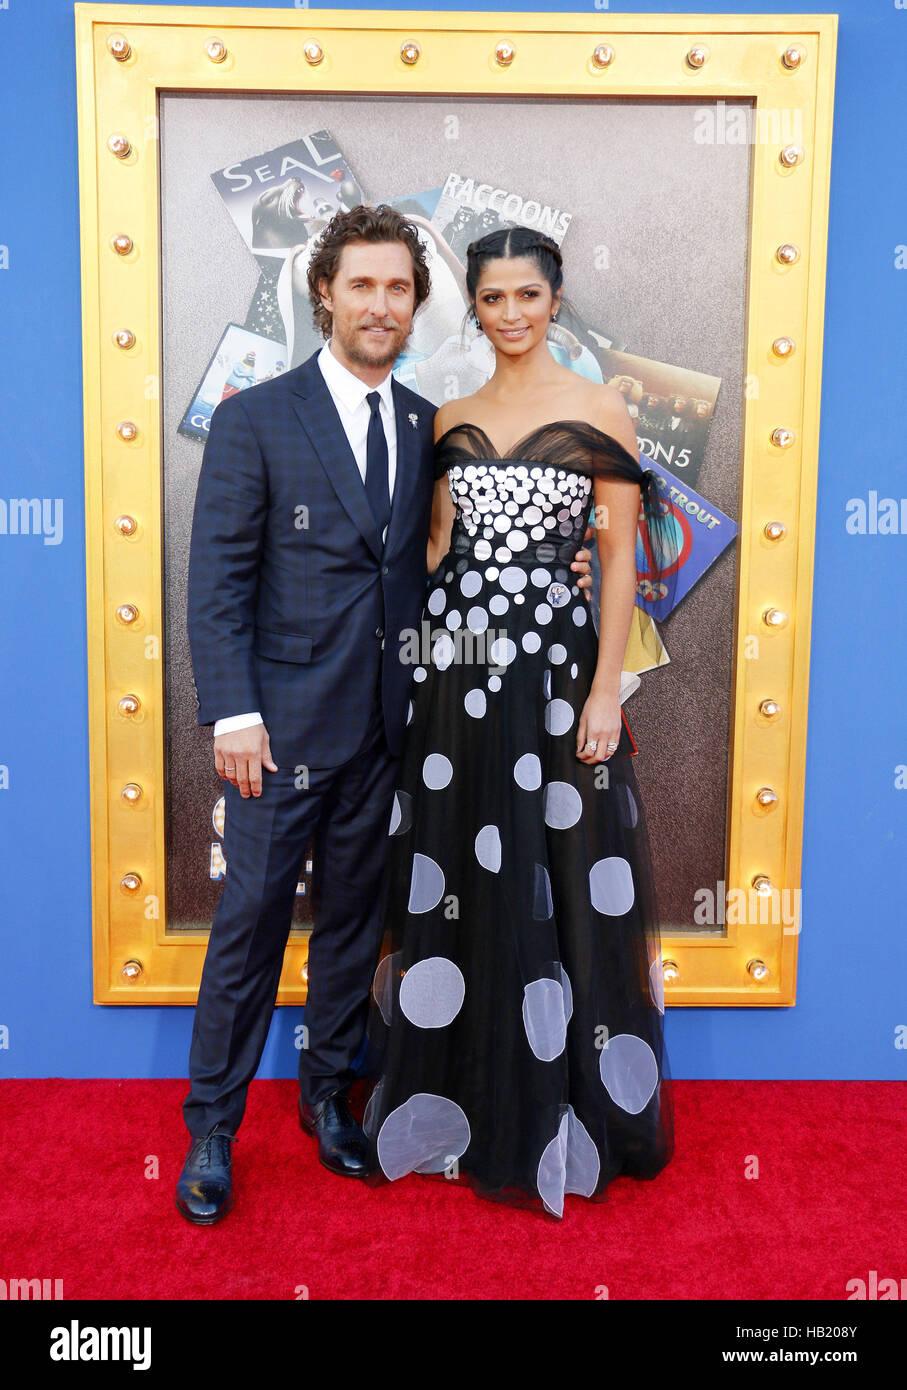 Los Angeles, California, EEUU. 3 dic, 2016. Matthew McConaughey y Camila Alves en el Los Angeles estreno de 'Sing' Imagen De Stock